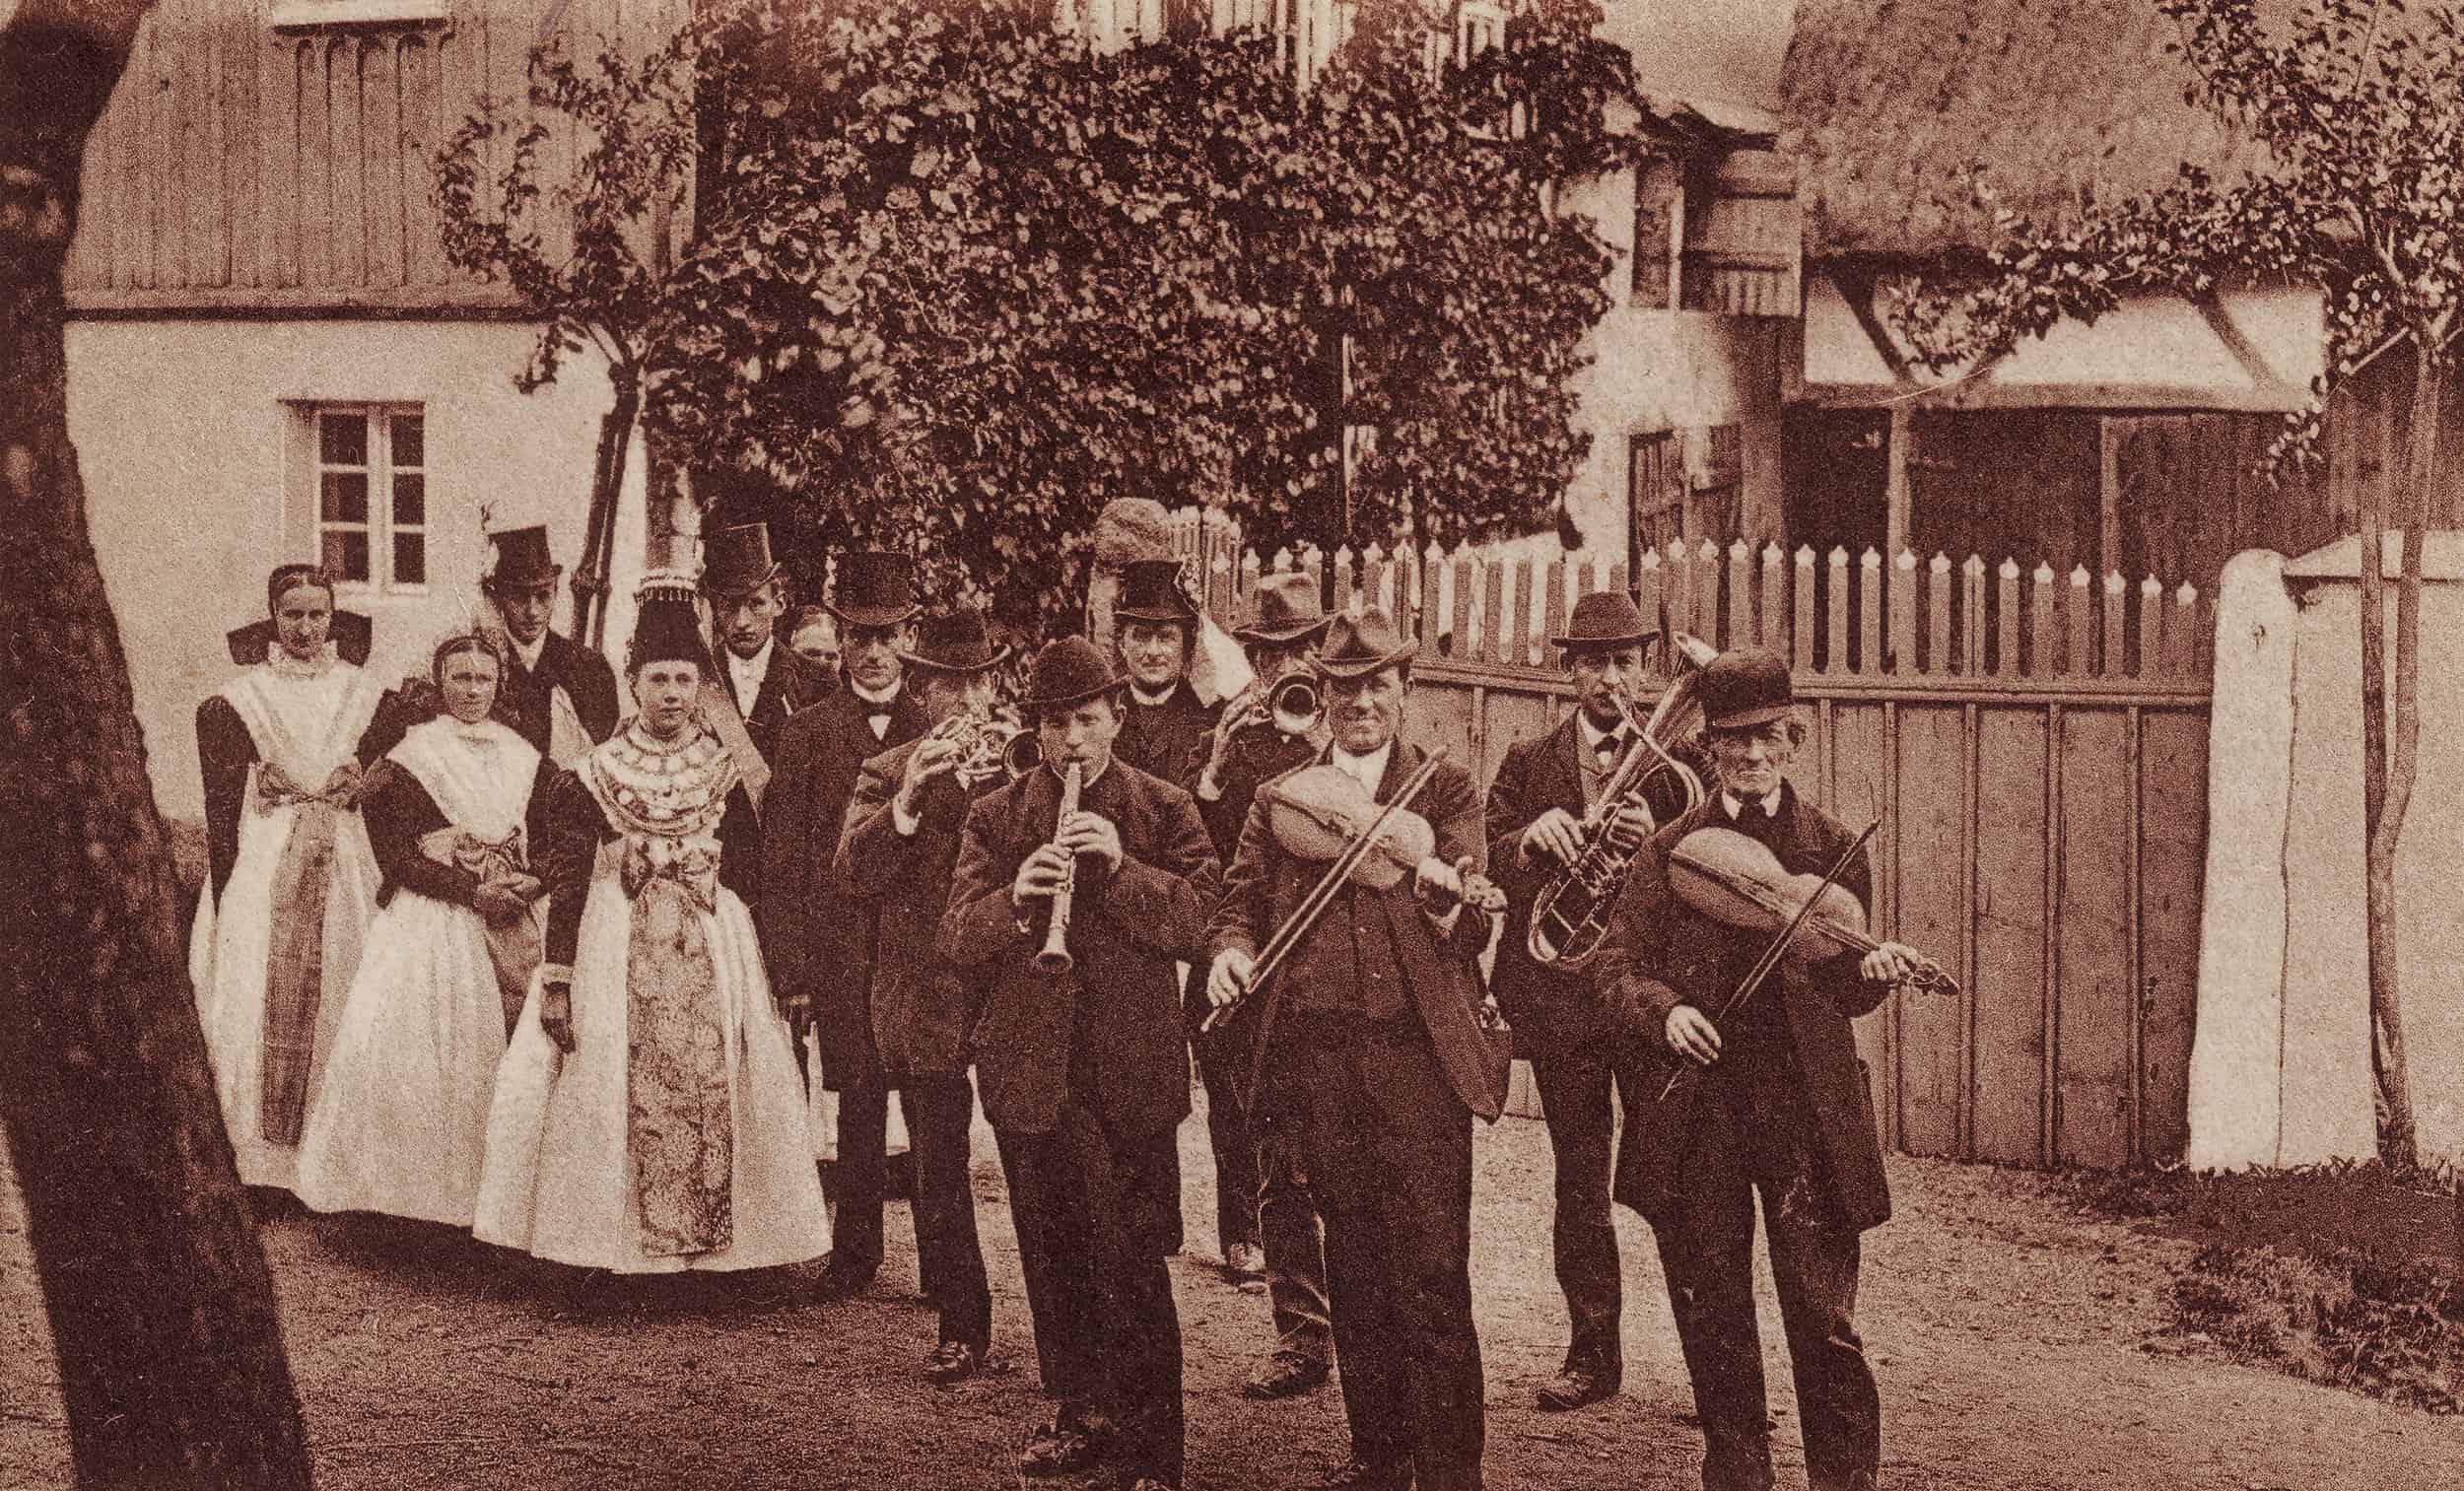 Hochzeitszug katholischer Sorben